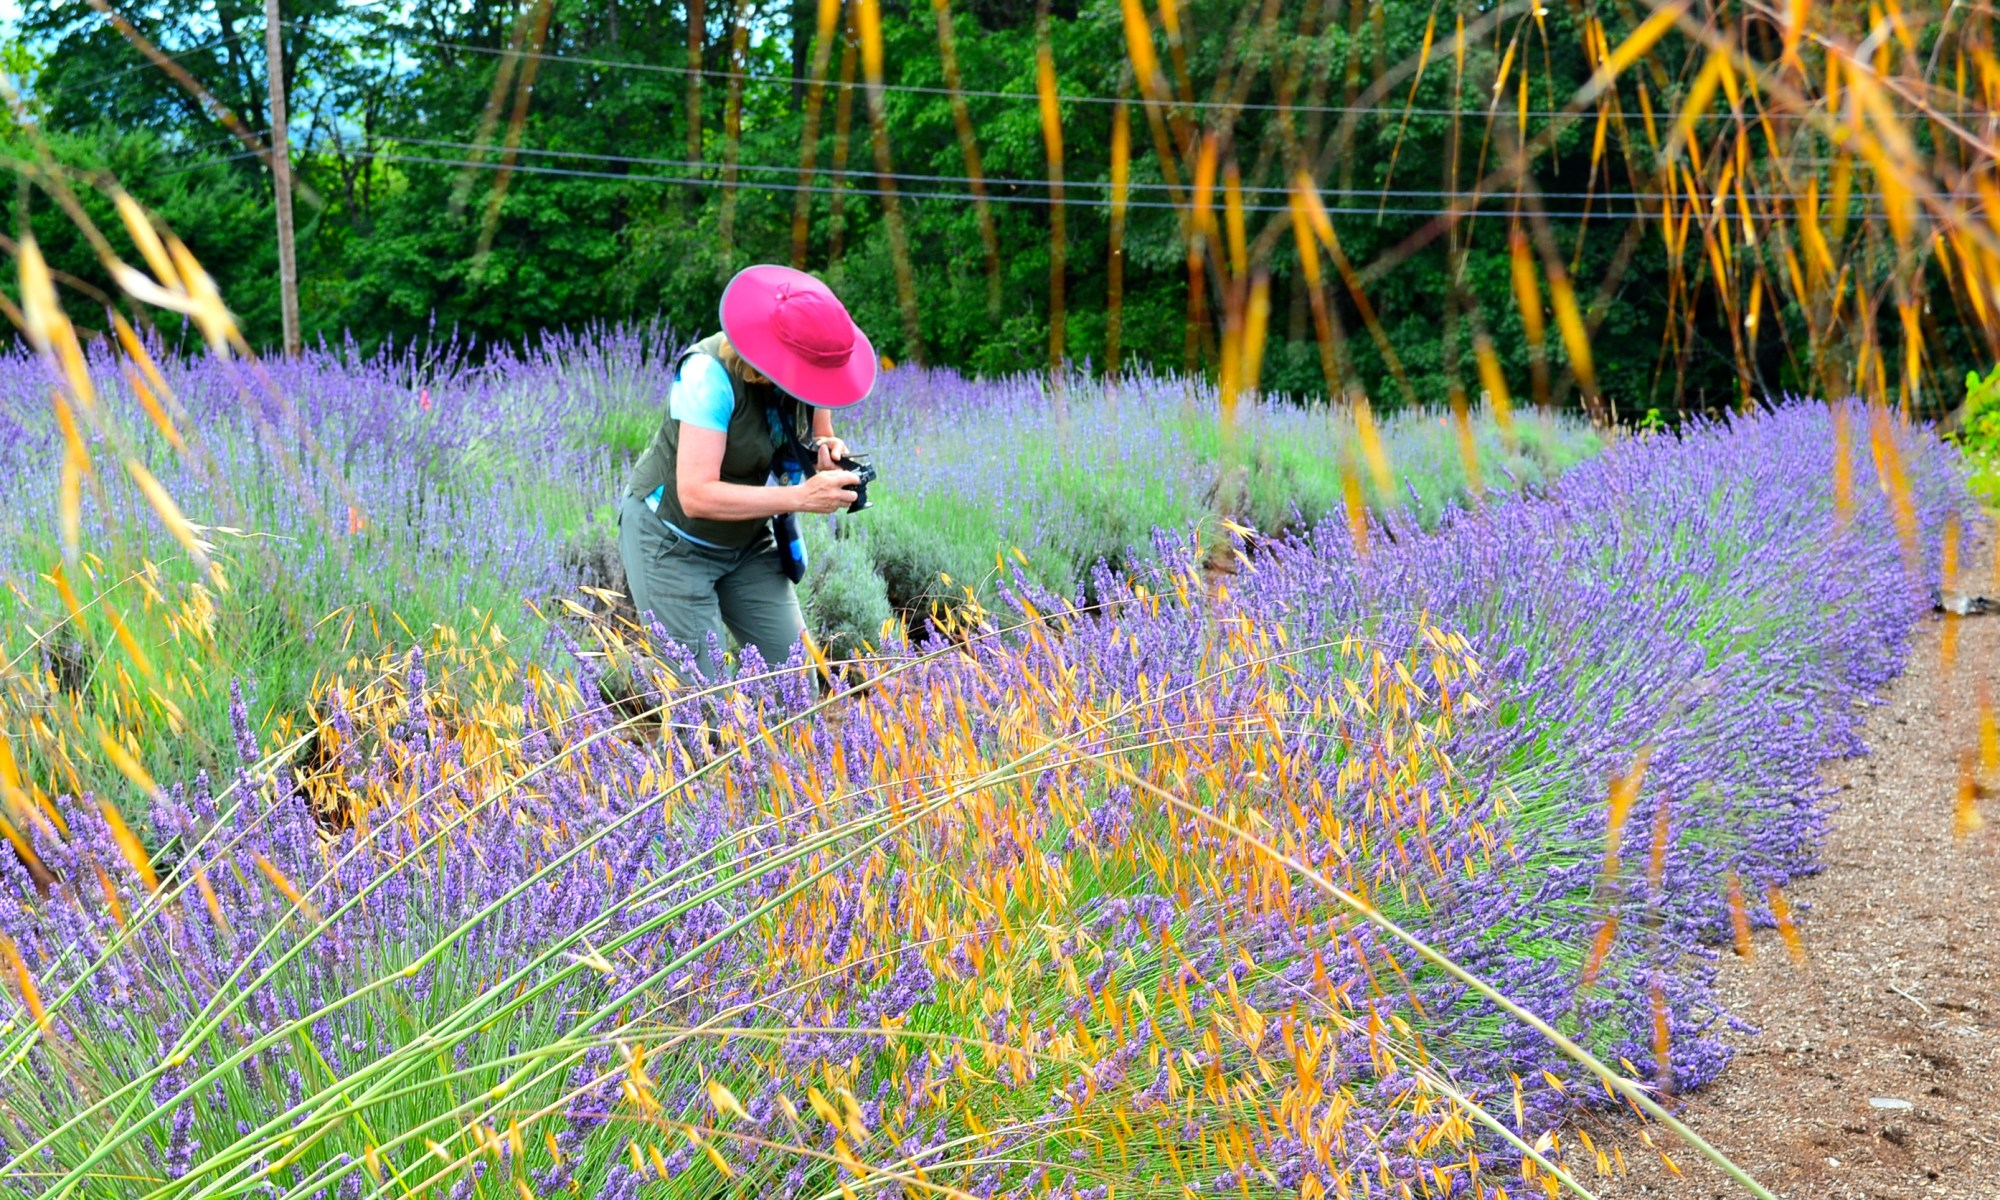 Lavender fields - photo by Helen Battersby